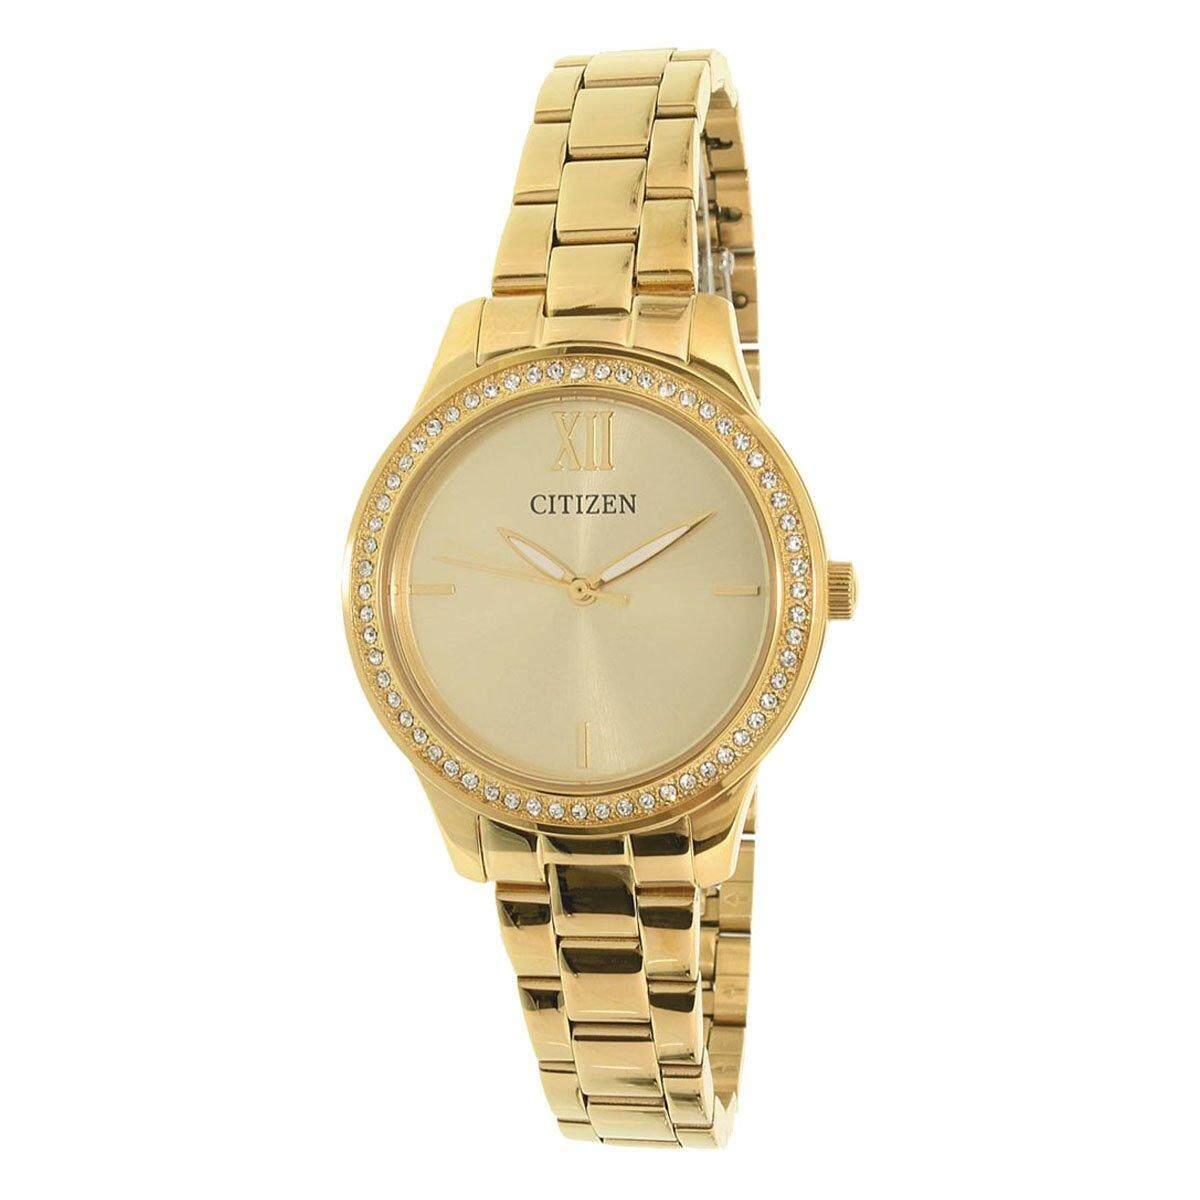 ซื้อ Citizen Watch Quartz Gold Stainless Steel Case Stainless Steel Bracelet Ladies El3088 59P ใน ฮ่องกง